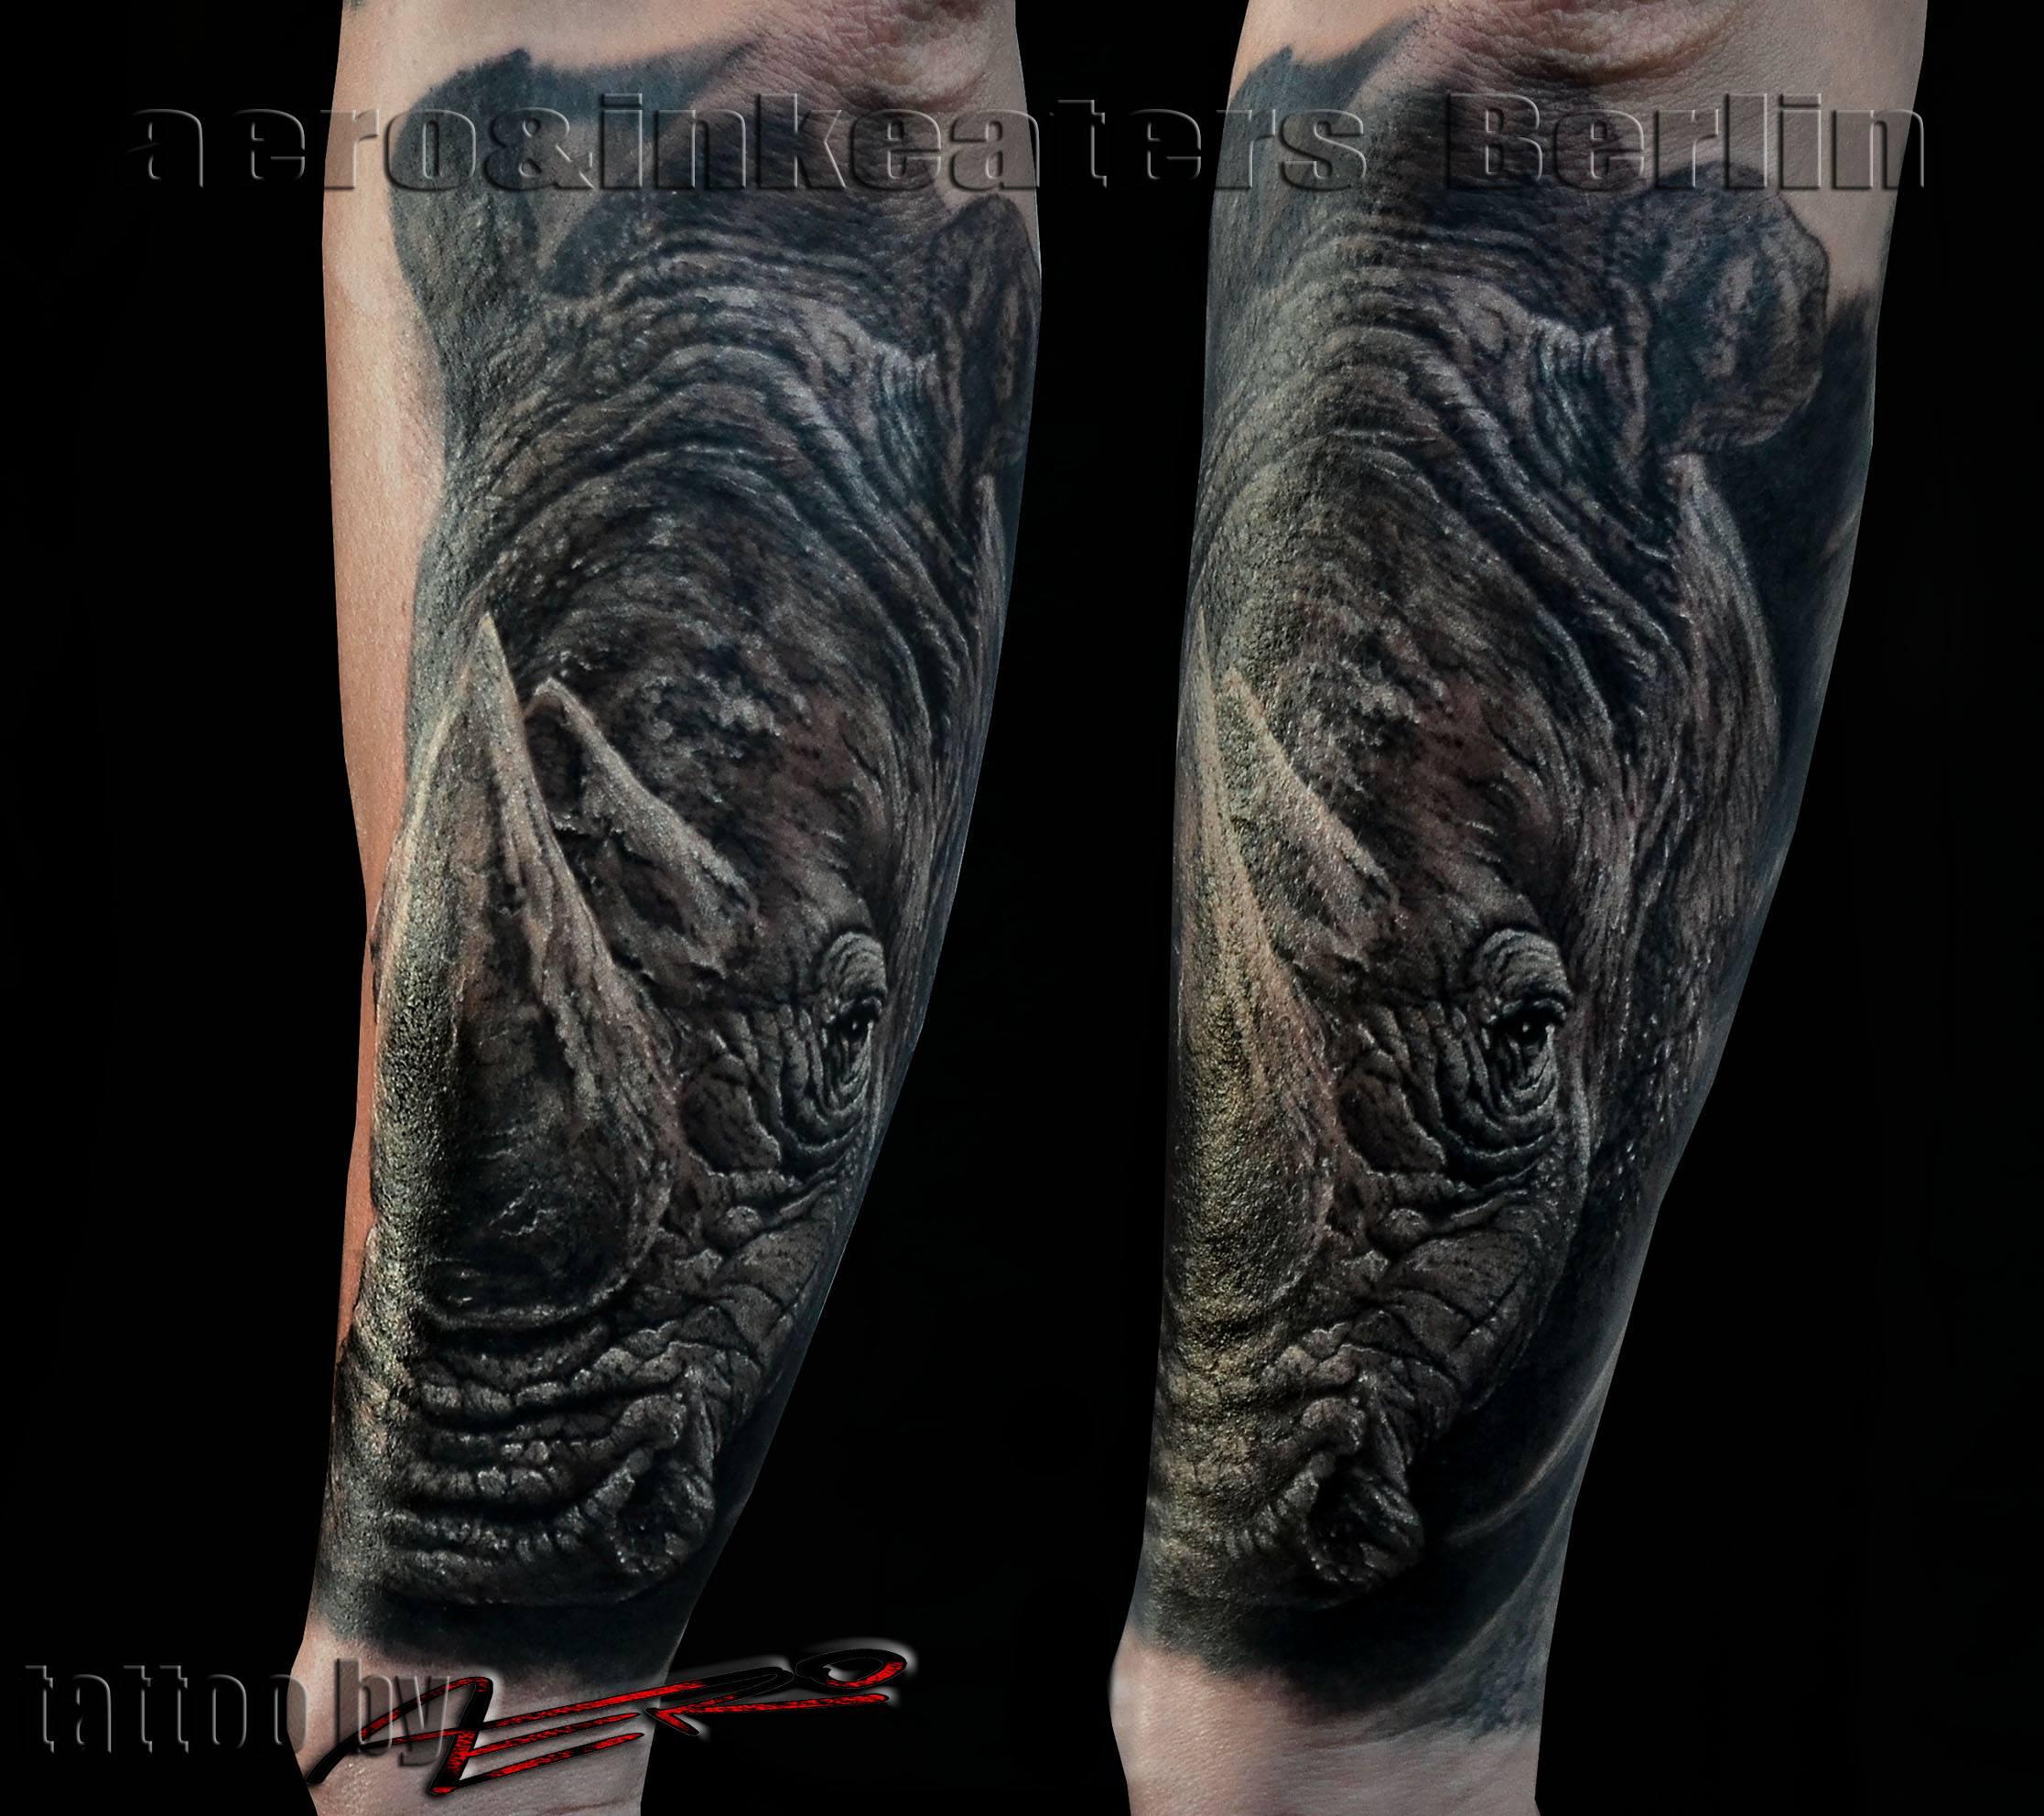 Tattoo von einem Nashorn auf dem Unterarm